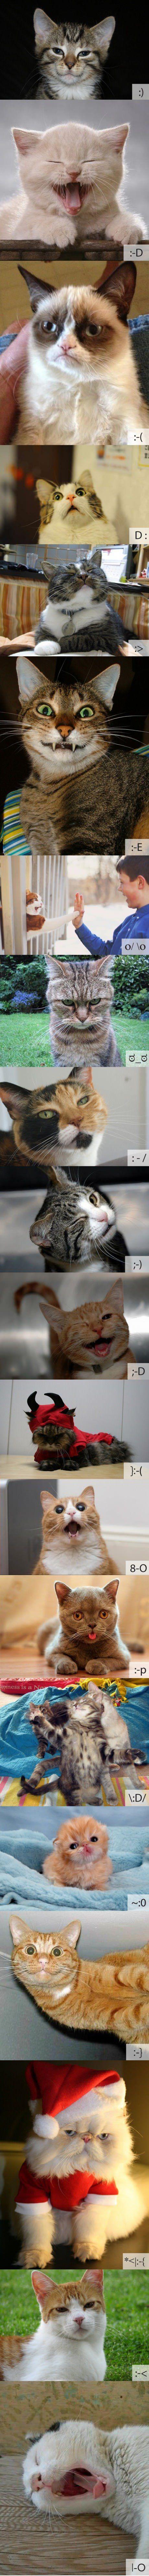 Cat emoticons.